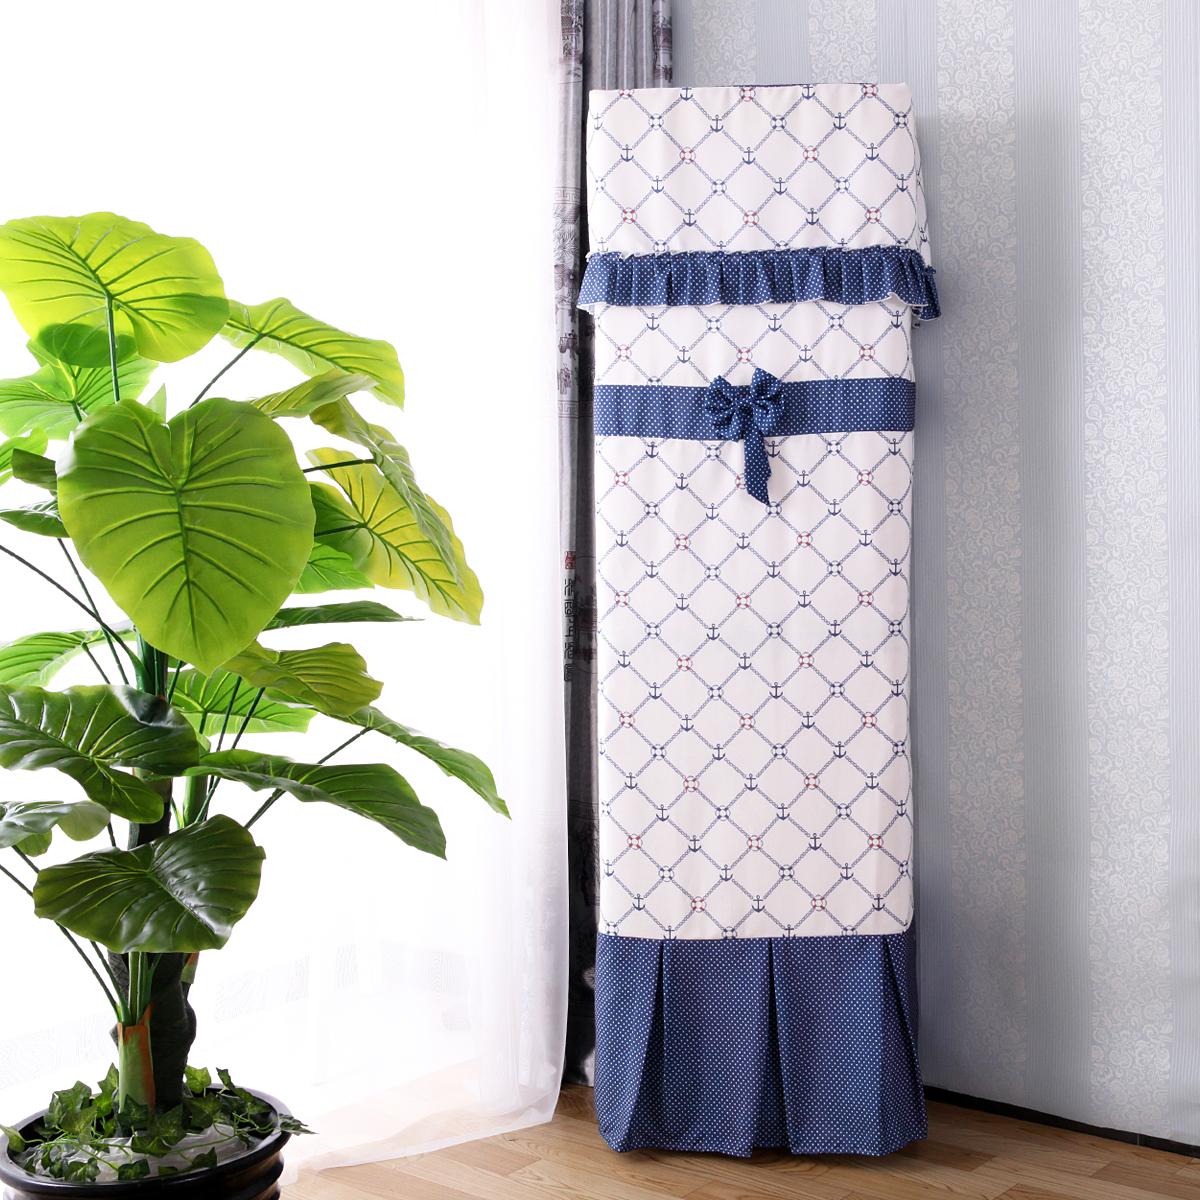 Südkorea Paket post tuch vertikale, klimaanlage, Decken neUe pastorale mode - boutique dekorative t di t schickte GREE Reihe